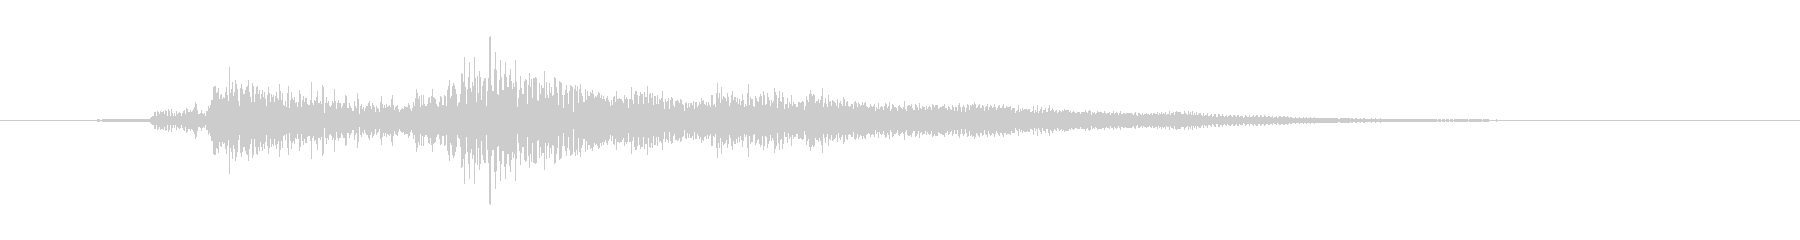 音楽効果;弦パッド付きクラシックギ...の未再生の波形